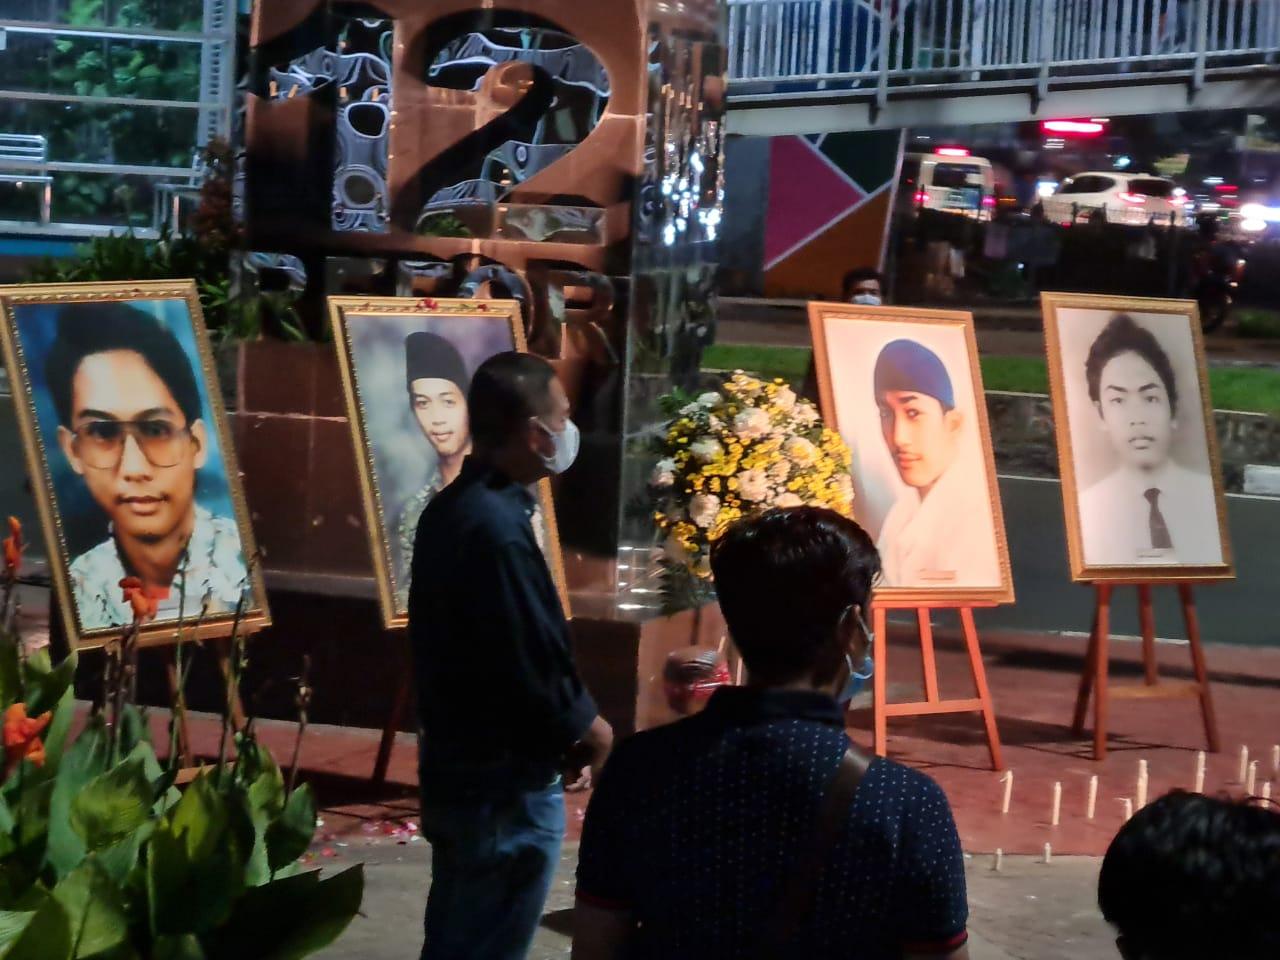 Mahasiswa Trisakti, Kenang Tragedi 1998 Dengan Khidmat dan Tetap Patuhi Prokes Ditengah Pandemi COVID19